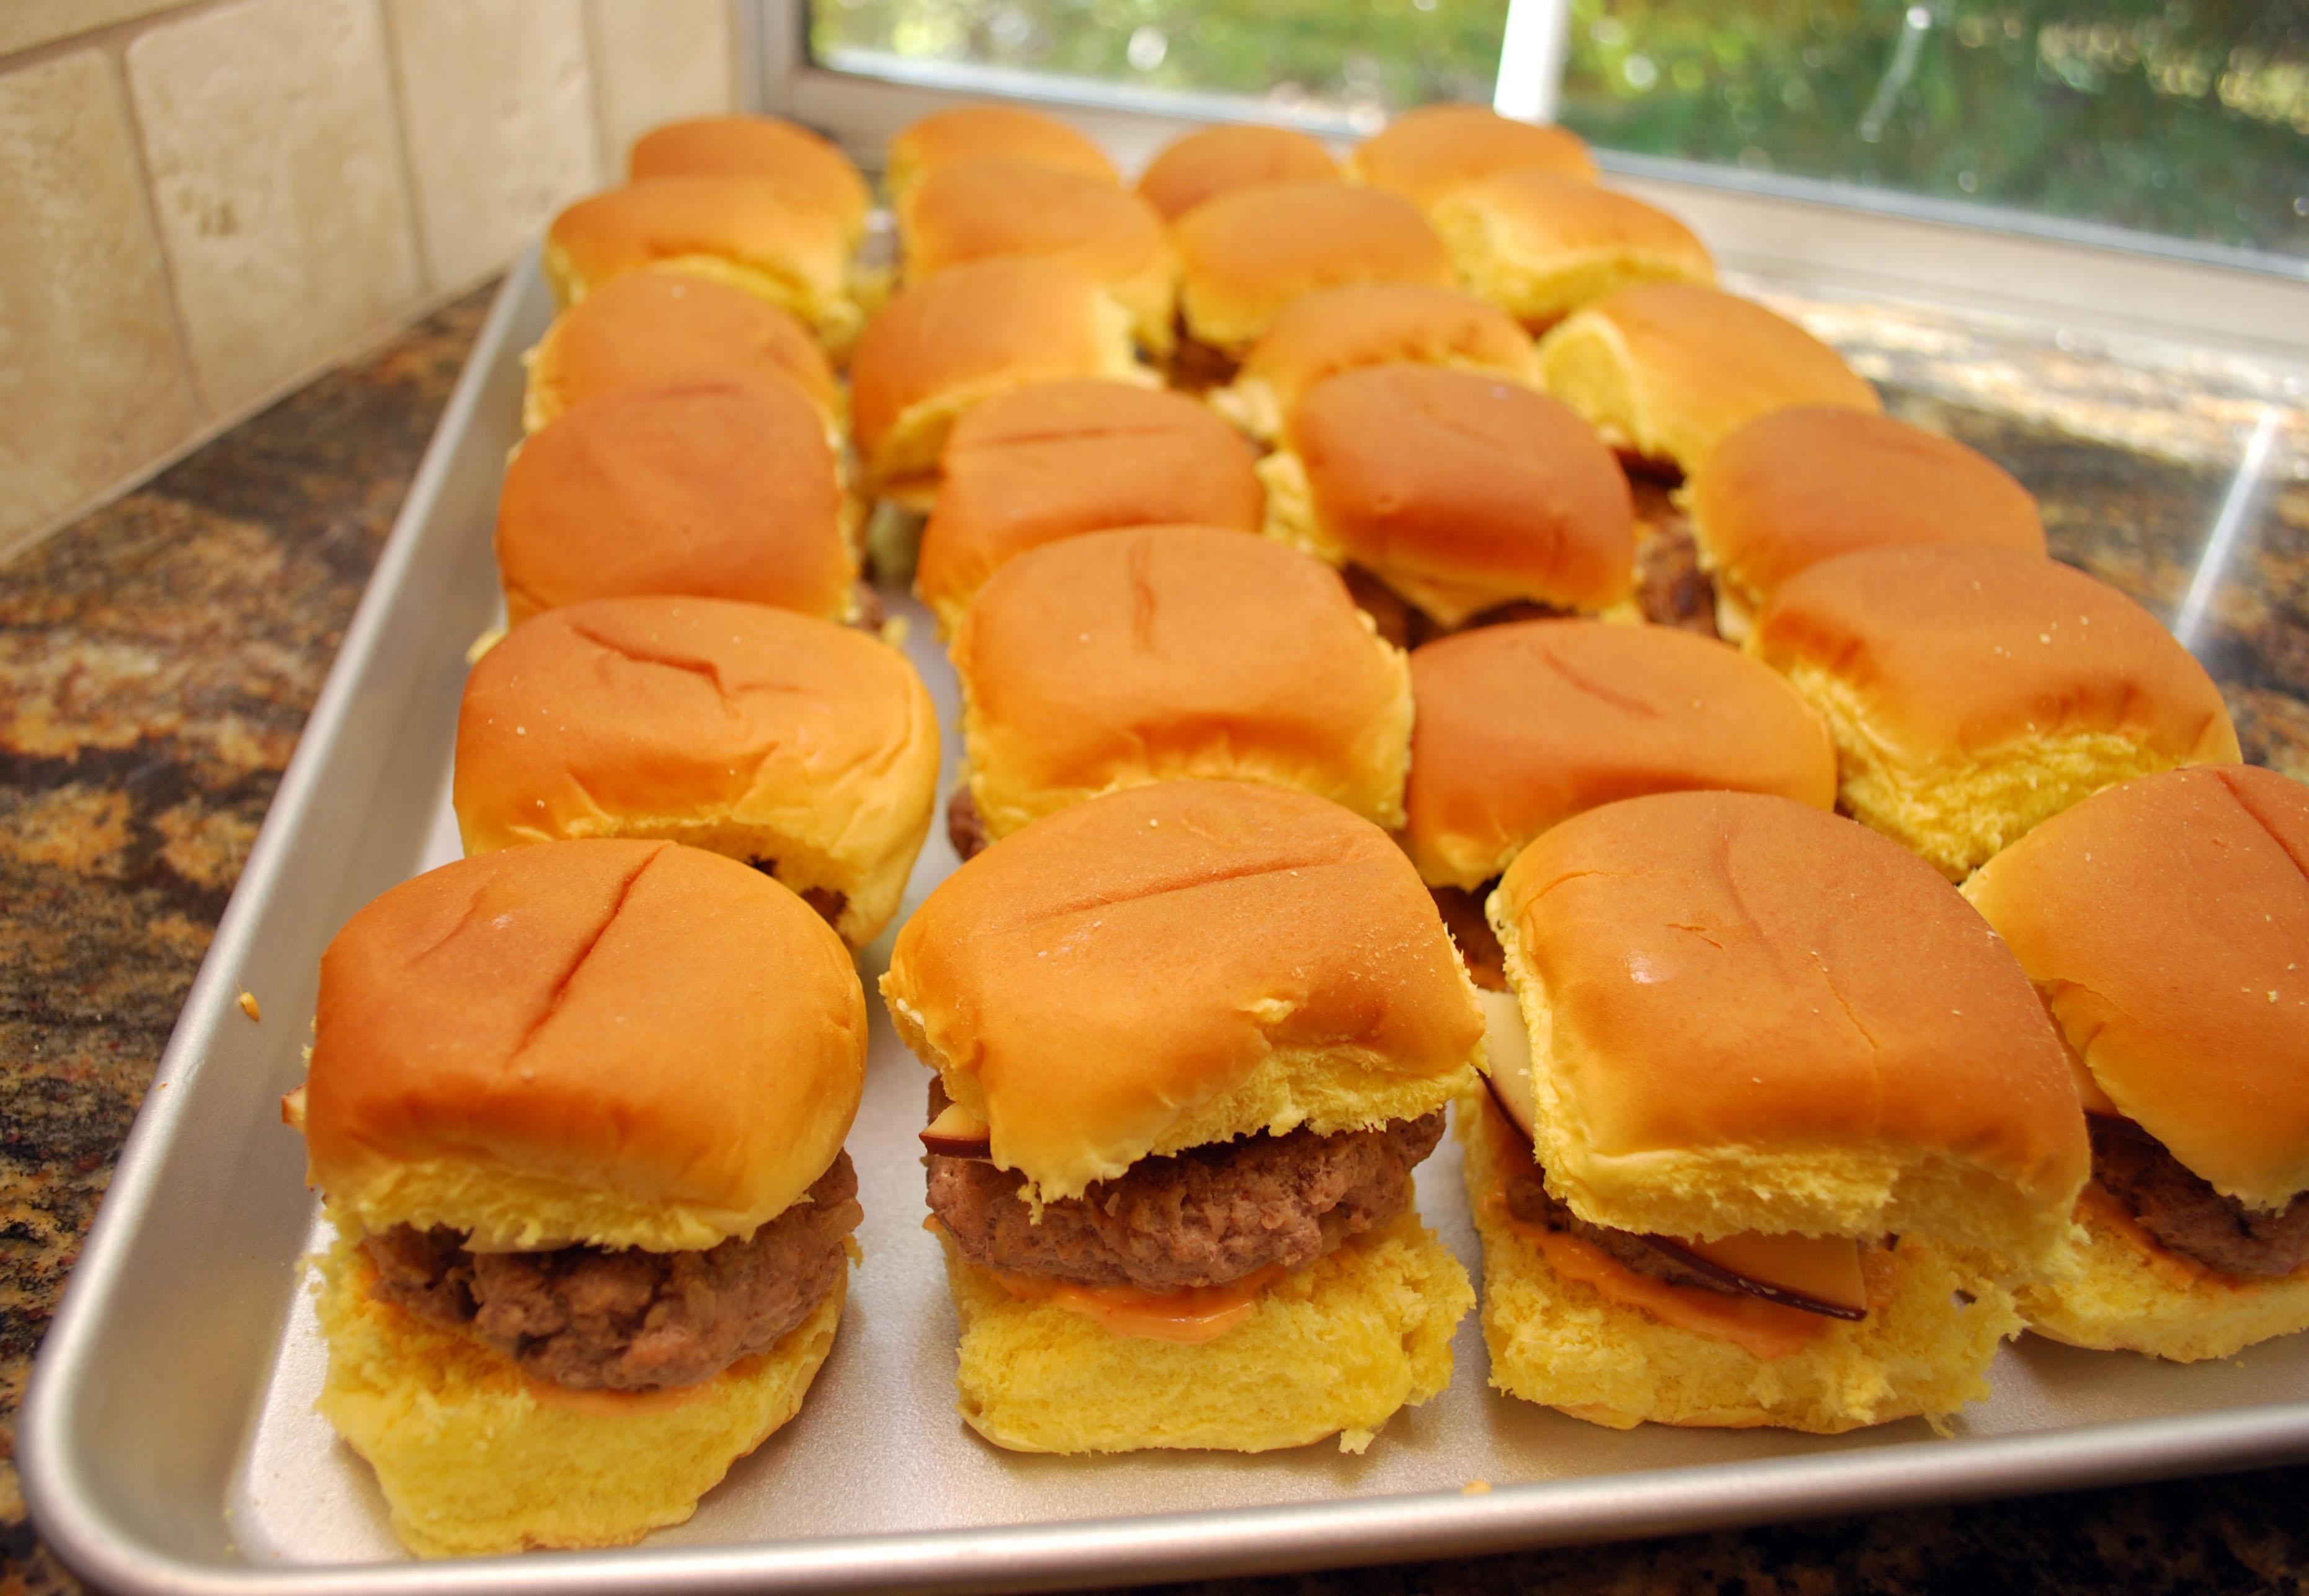 Turkey Burger Sliders - Valerie's Kitchen